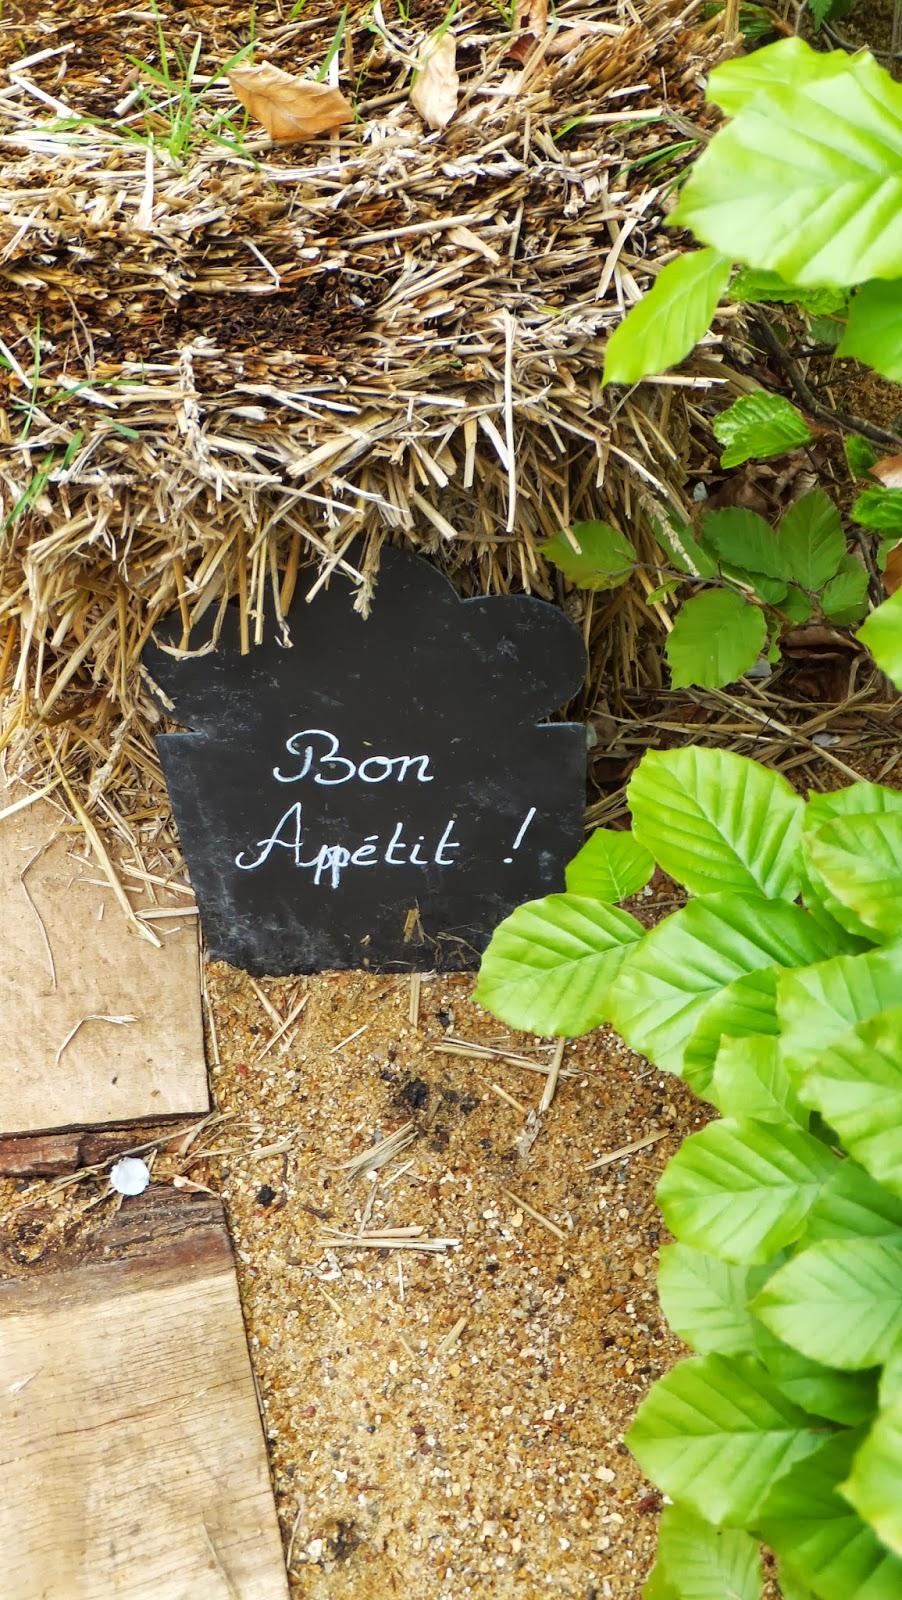 Paisaje para Degustar, Domaine de Chaumont-sur-Loire, Festival de Jardines, Valle del Loira, Francia, Elisa N, Blog de Viajes, Lifestyle, Travel